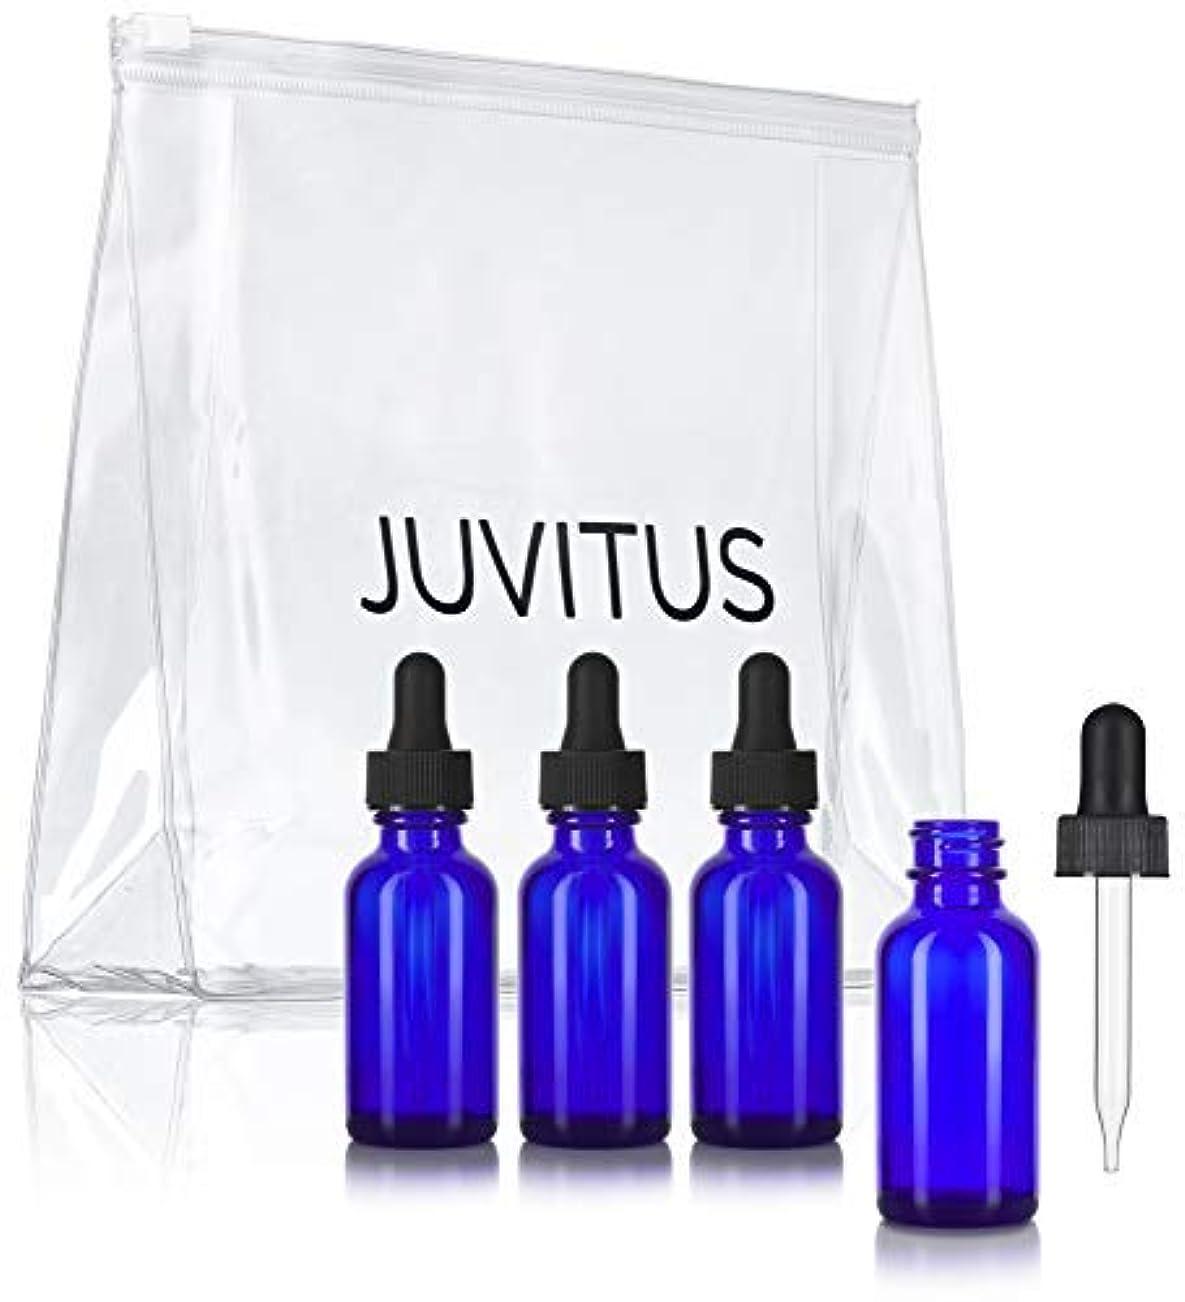 アコーシャツ筋Cobalt Blue Glass Boston Round Dropper Bottle - 1 oz (4 Pack) + Clear Travel Bag for Essential Oils, Aromatherapy...